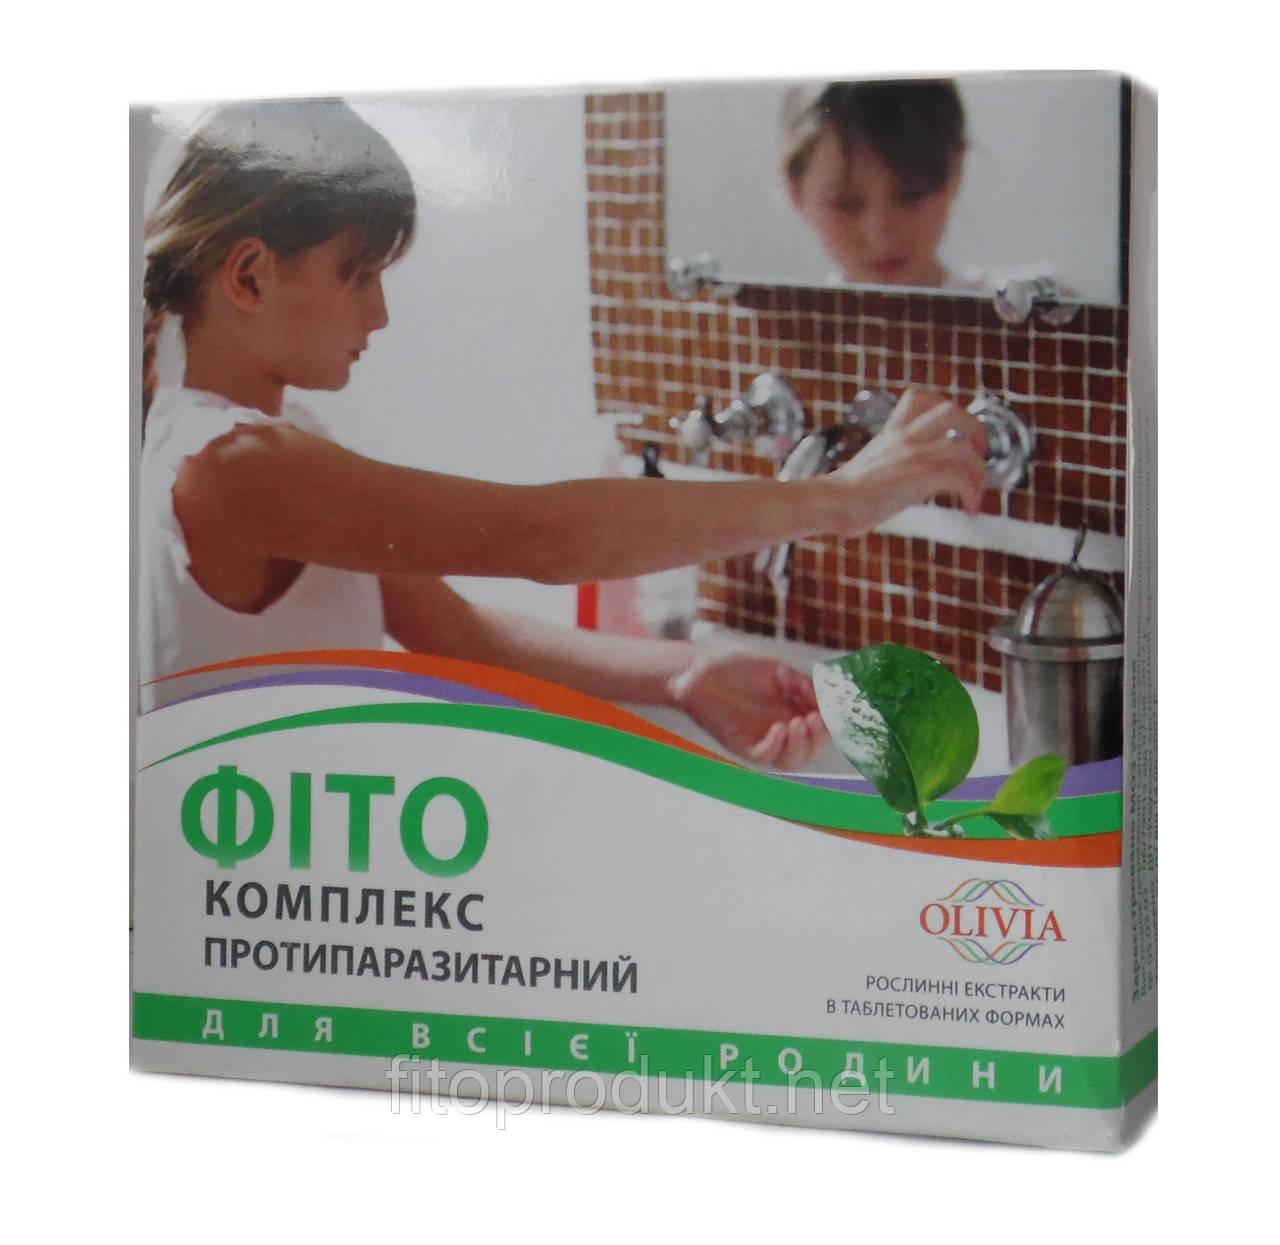 Фитокомплекс противопаразитарный для всей семьи  30х30